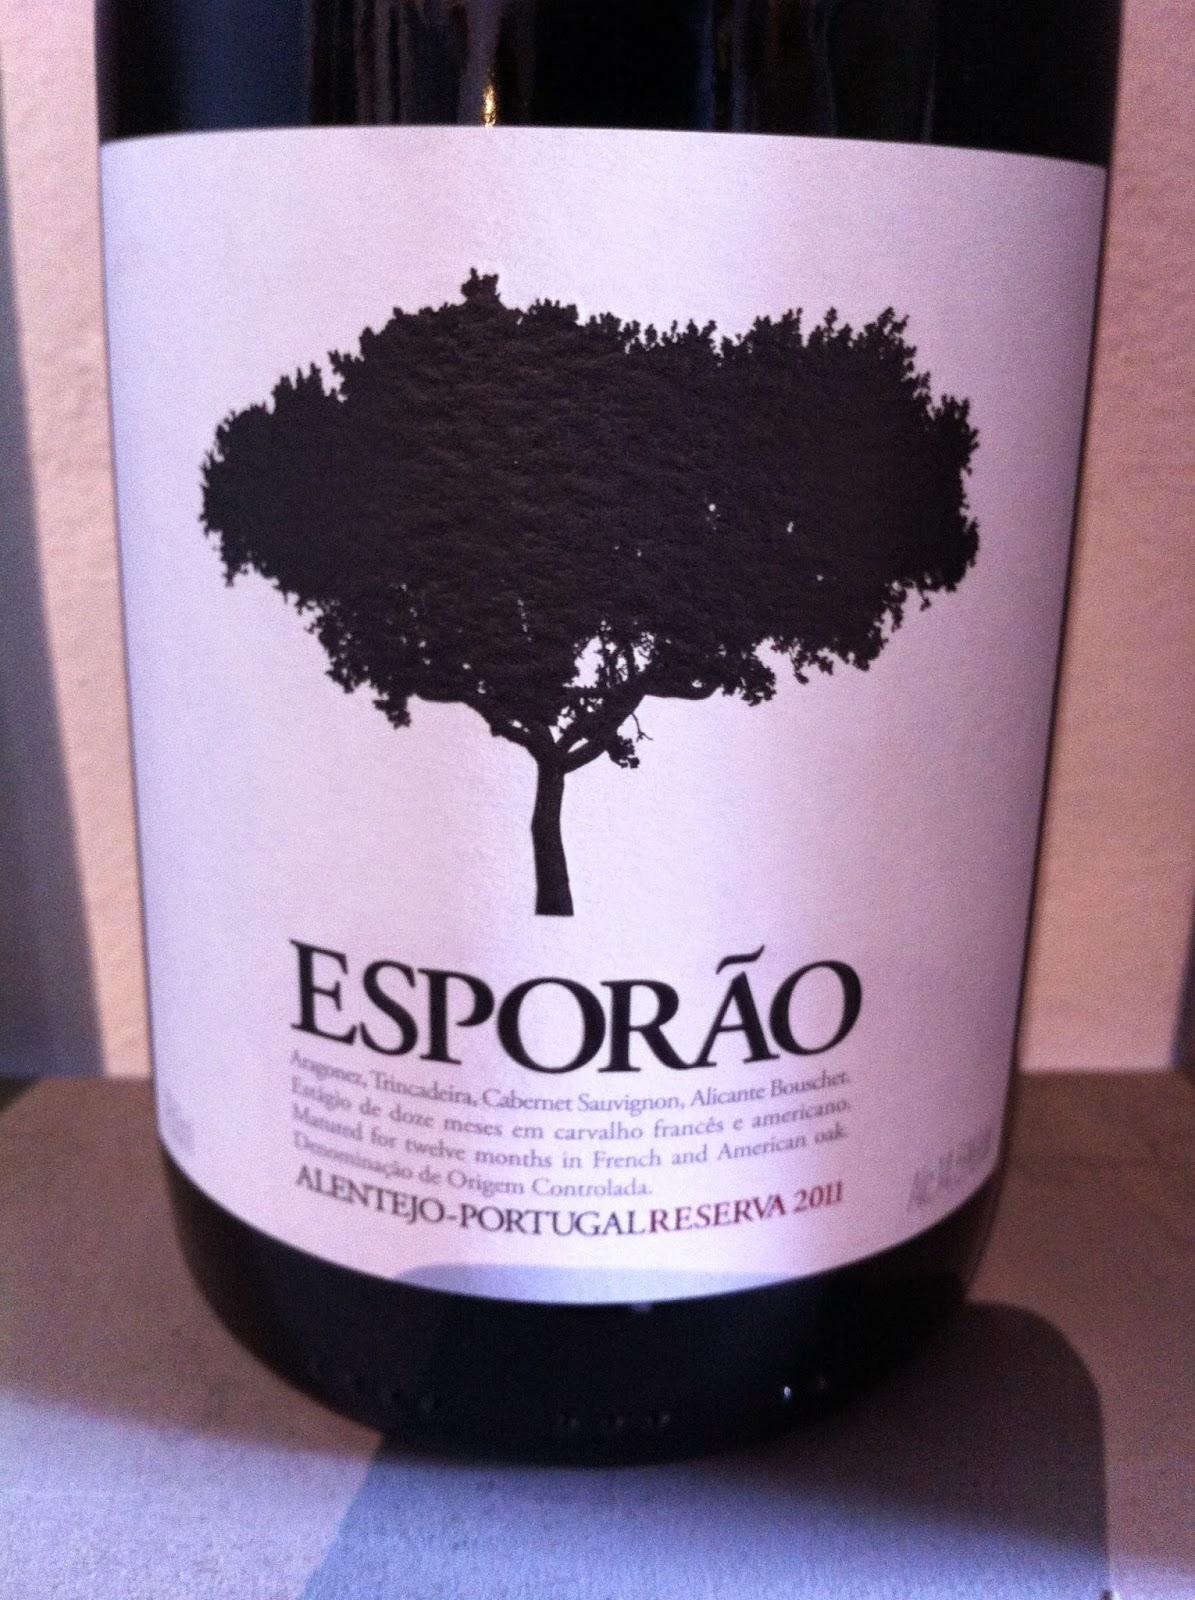 esporao-reserva-2011-alentejo-portugal-tinto